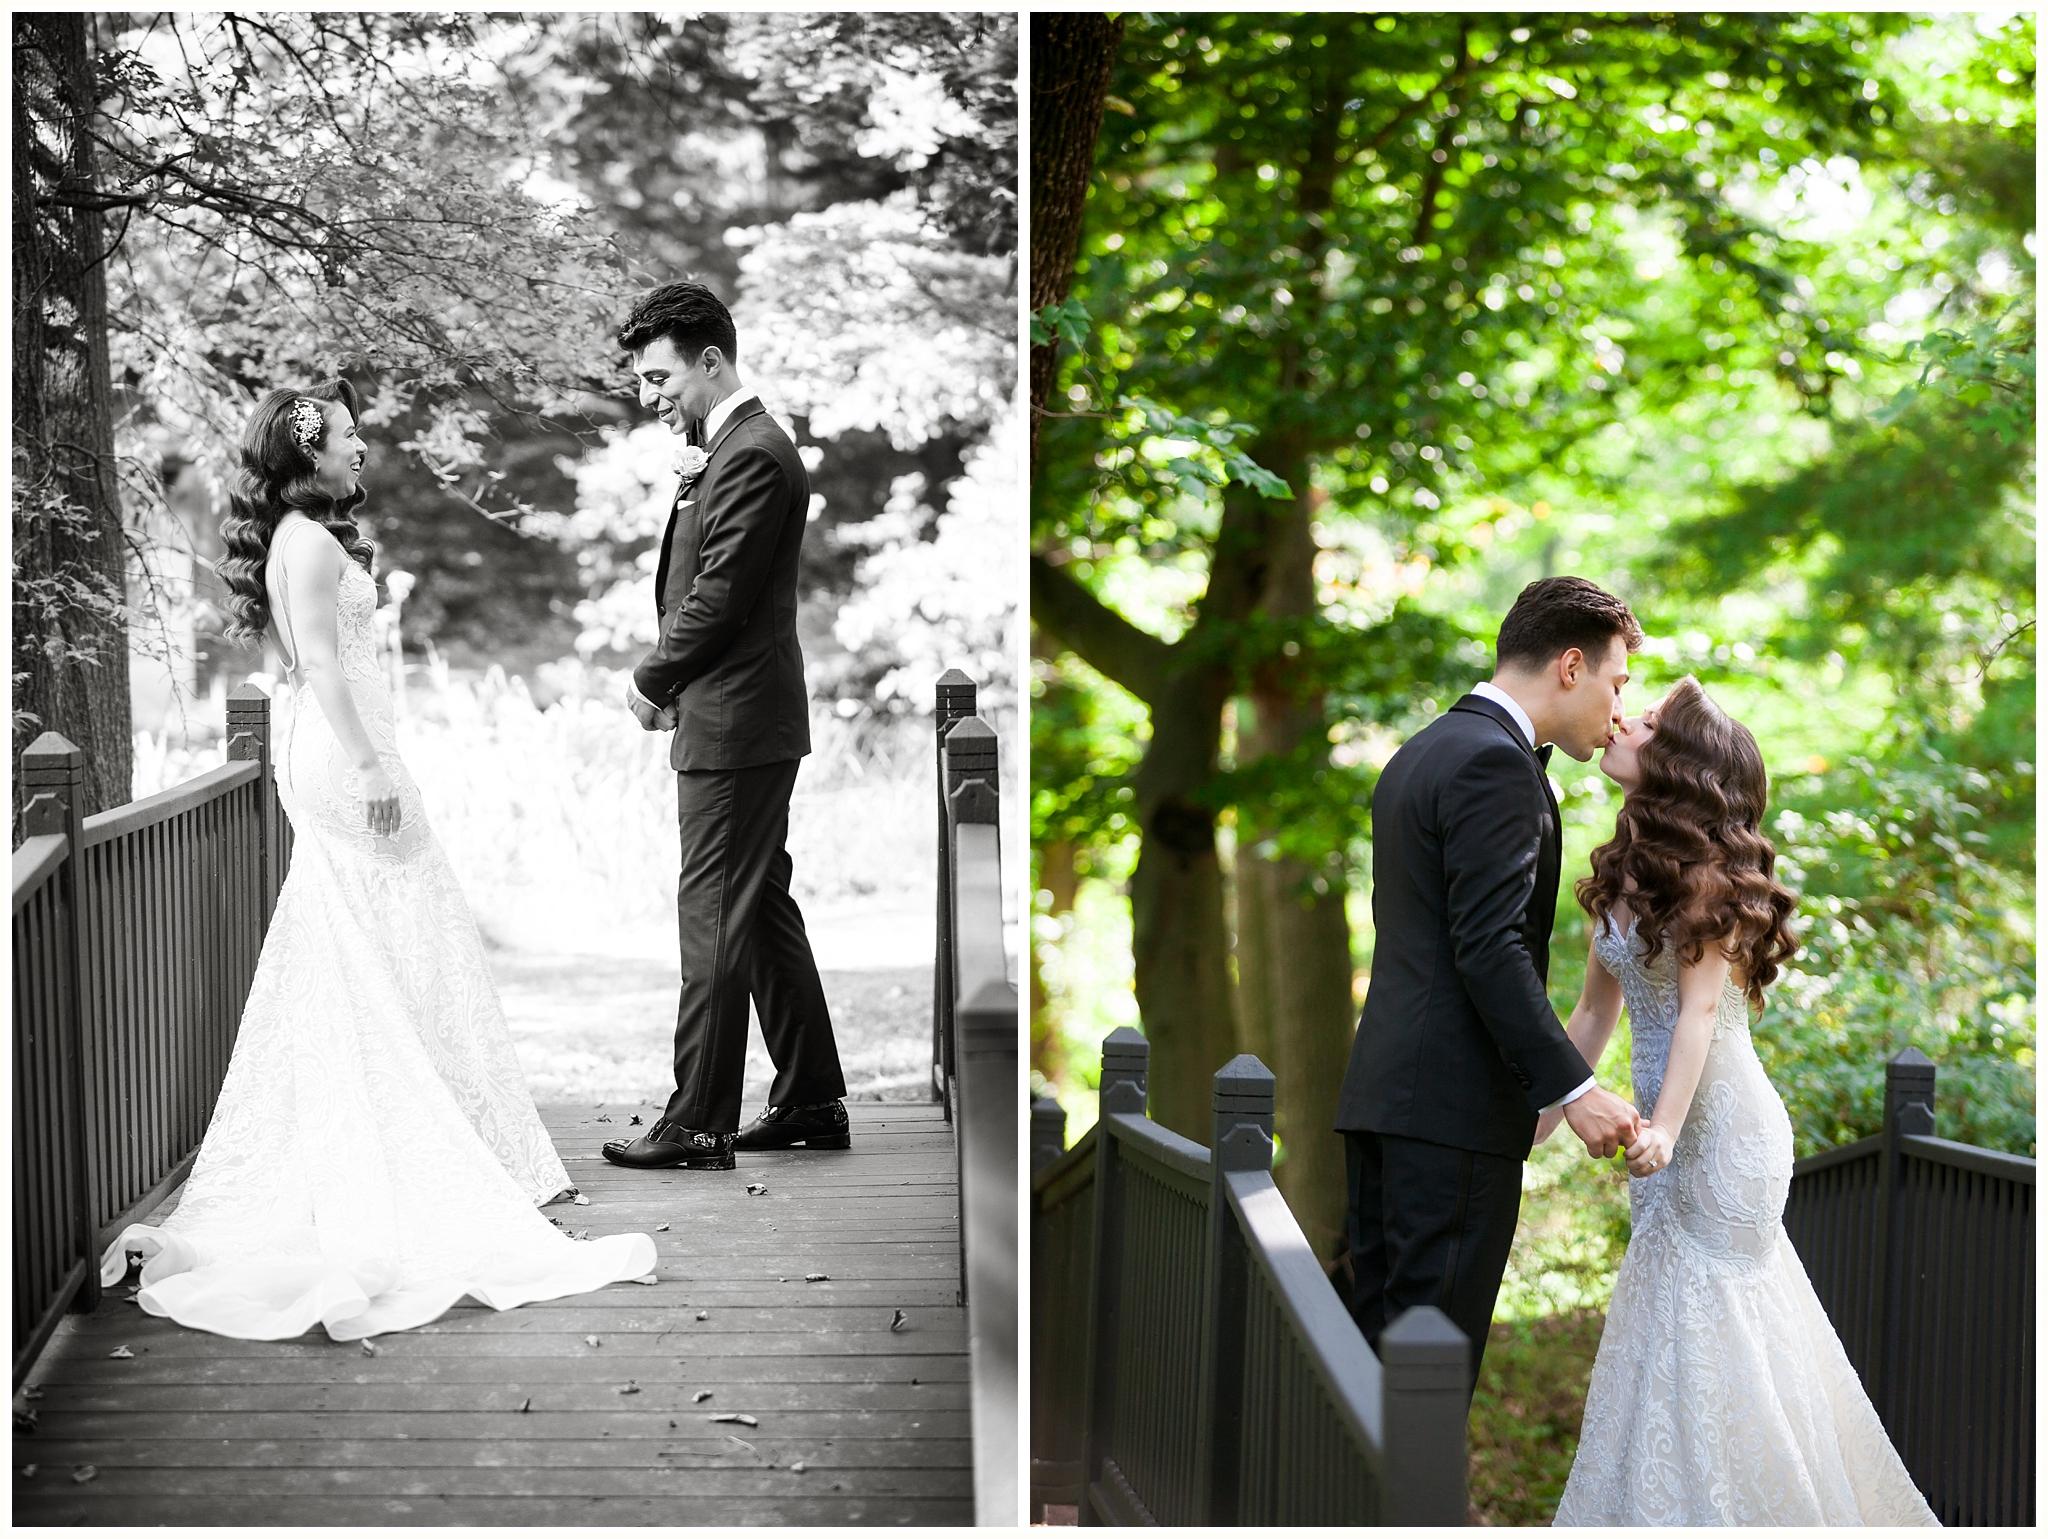 Pleasantdale Chateau Wedding NJ Wedding NYC Wedding Photographer_0011.jpg